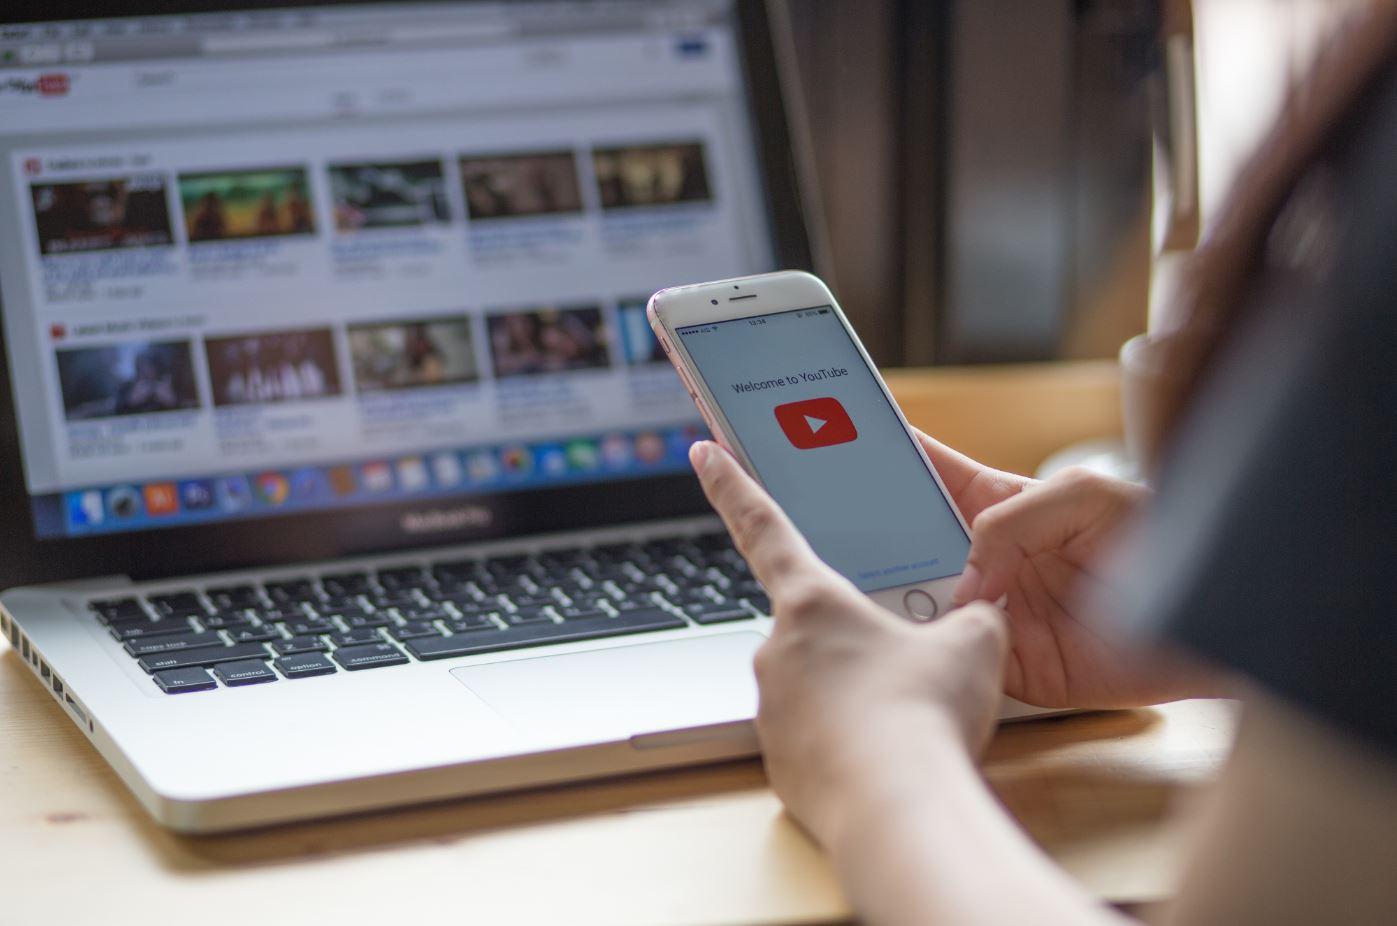 Youtube 看影片電腦變好慢?當心駭客正在挖礦賺外快!